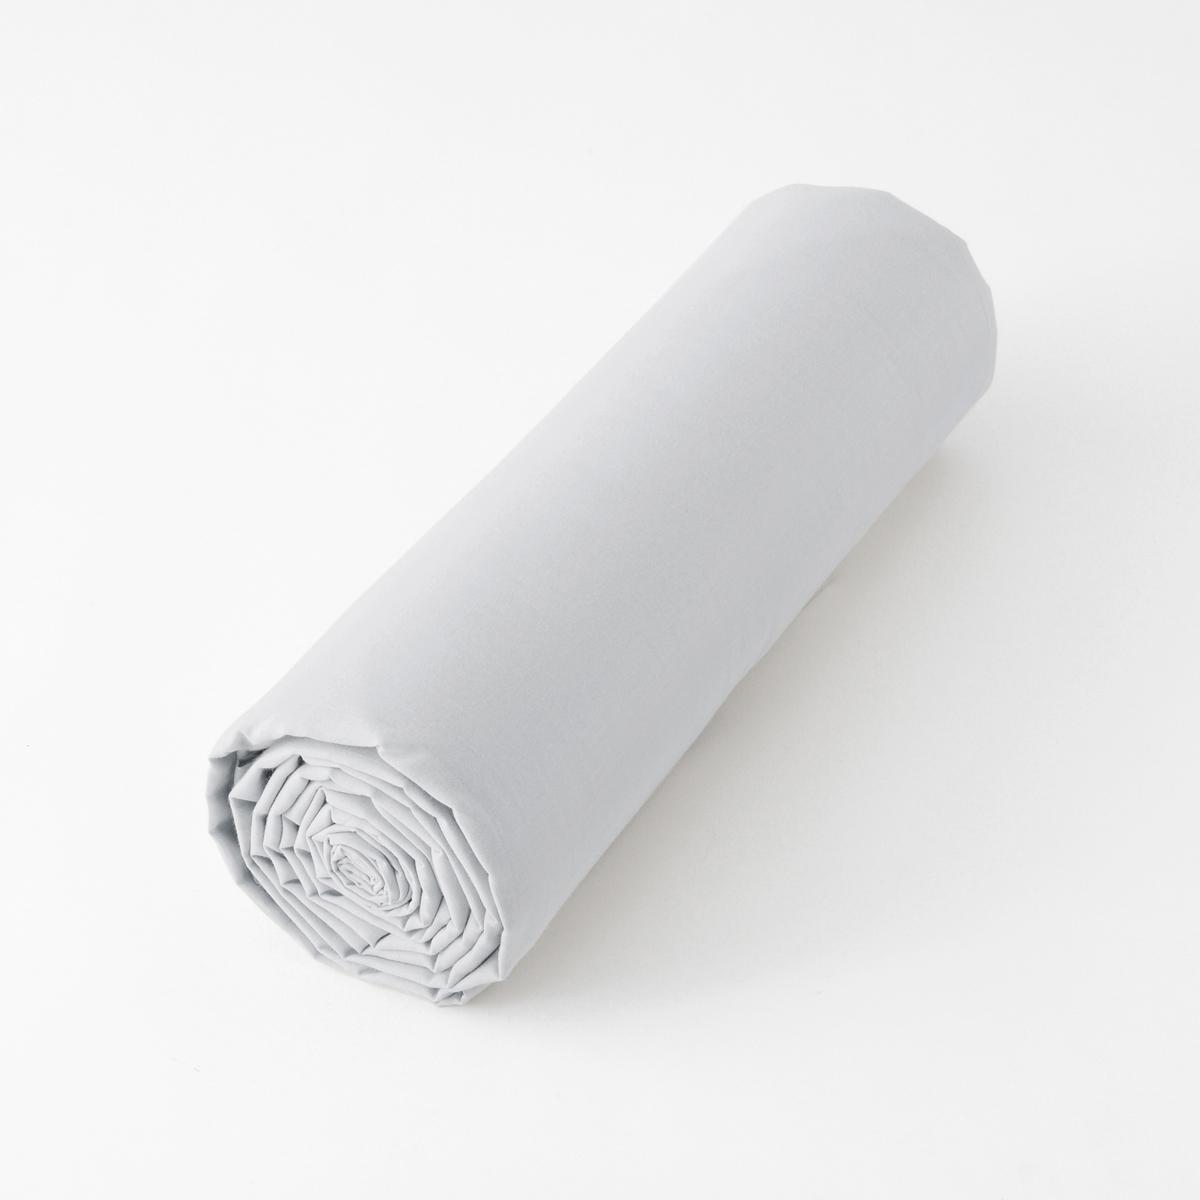 Натяжная простыня из хлопковой вуали GypseНатяжная простыня из хлопковой вуали Gypse. Очень мягкий, воздушный и нежный материал, приятный на ощупь !  Хлопковая вуаль. Очень мягкий, воздушный и нежный материал. С легким эффектом блеска. Ткань с легким жатым эффектом. Не требует глажки.    Состав :- Вуаль, 100% хлопокОтделка :- Клапан 25 см.Уход :- Машинная стирка при 40 °С. Размеры:90 x 190 см : 1-сп.140 x 190 см : 1-сп.160 x 200 см : 2-сп.180 x 200 см : 2-сп.Знак Oeko-Tex® гарантирует, что товары прошли проверку и были изготовлены без применения вредных для здоровья человека веществ.<br><br>Цвет: ванильный,кремовый,нежно-розовый,облачно-серый,розовая пудра,синее драже